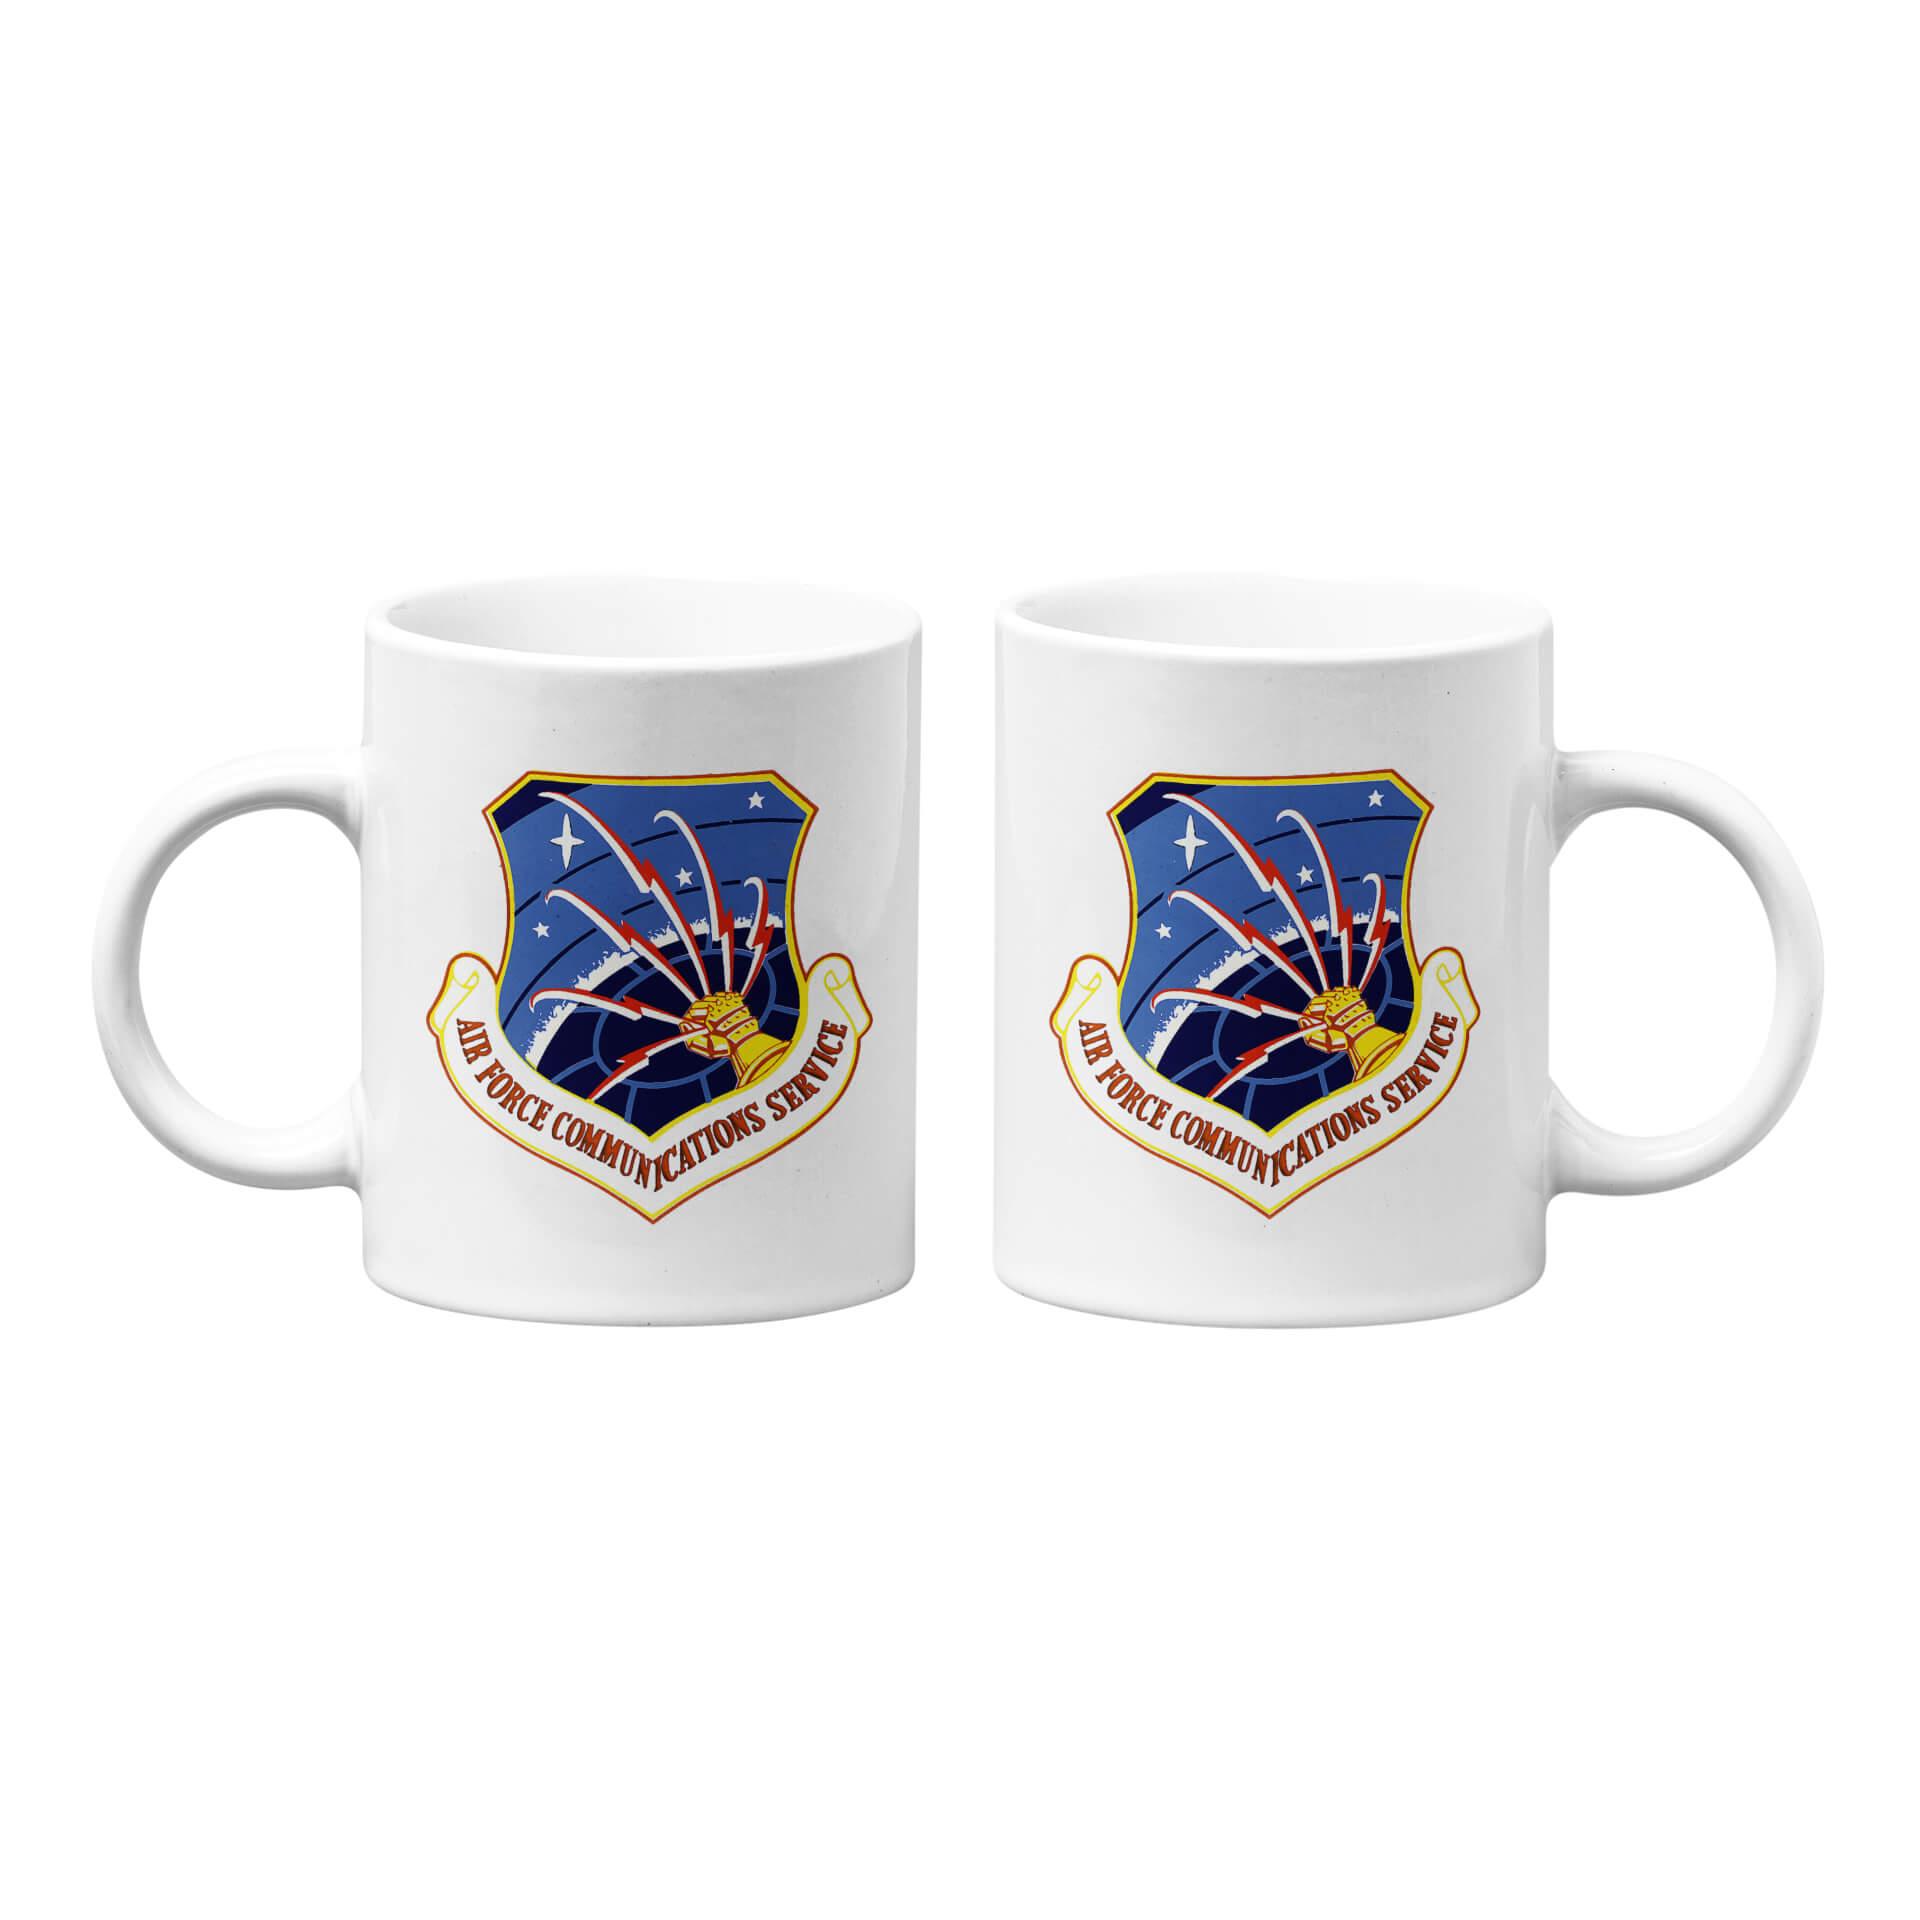 U.S. Air Force Communications Service Emblem Mug